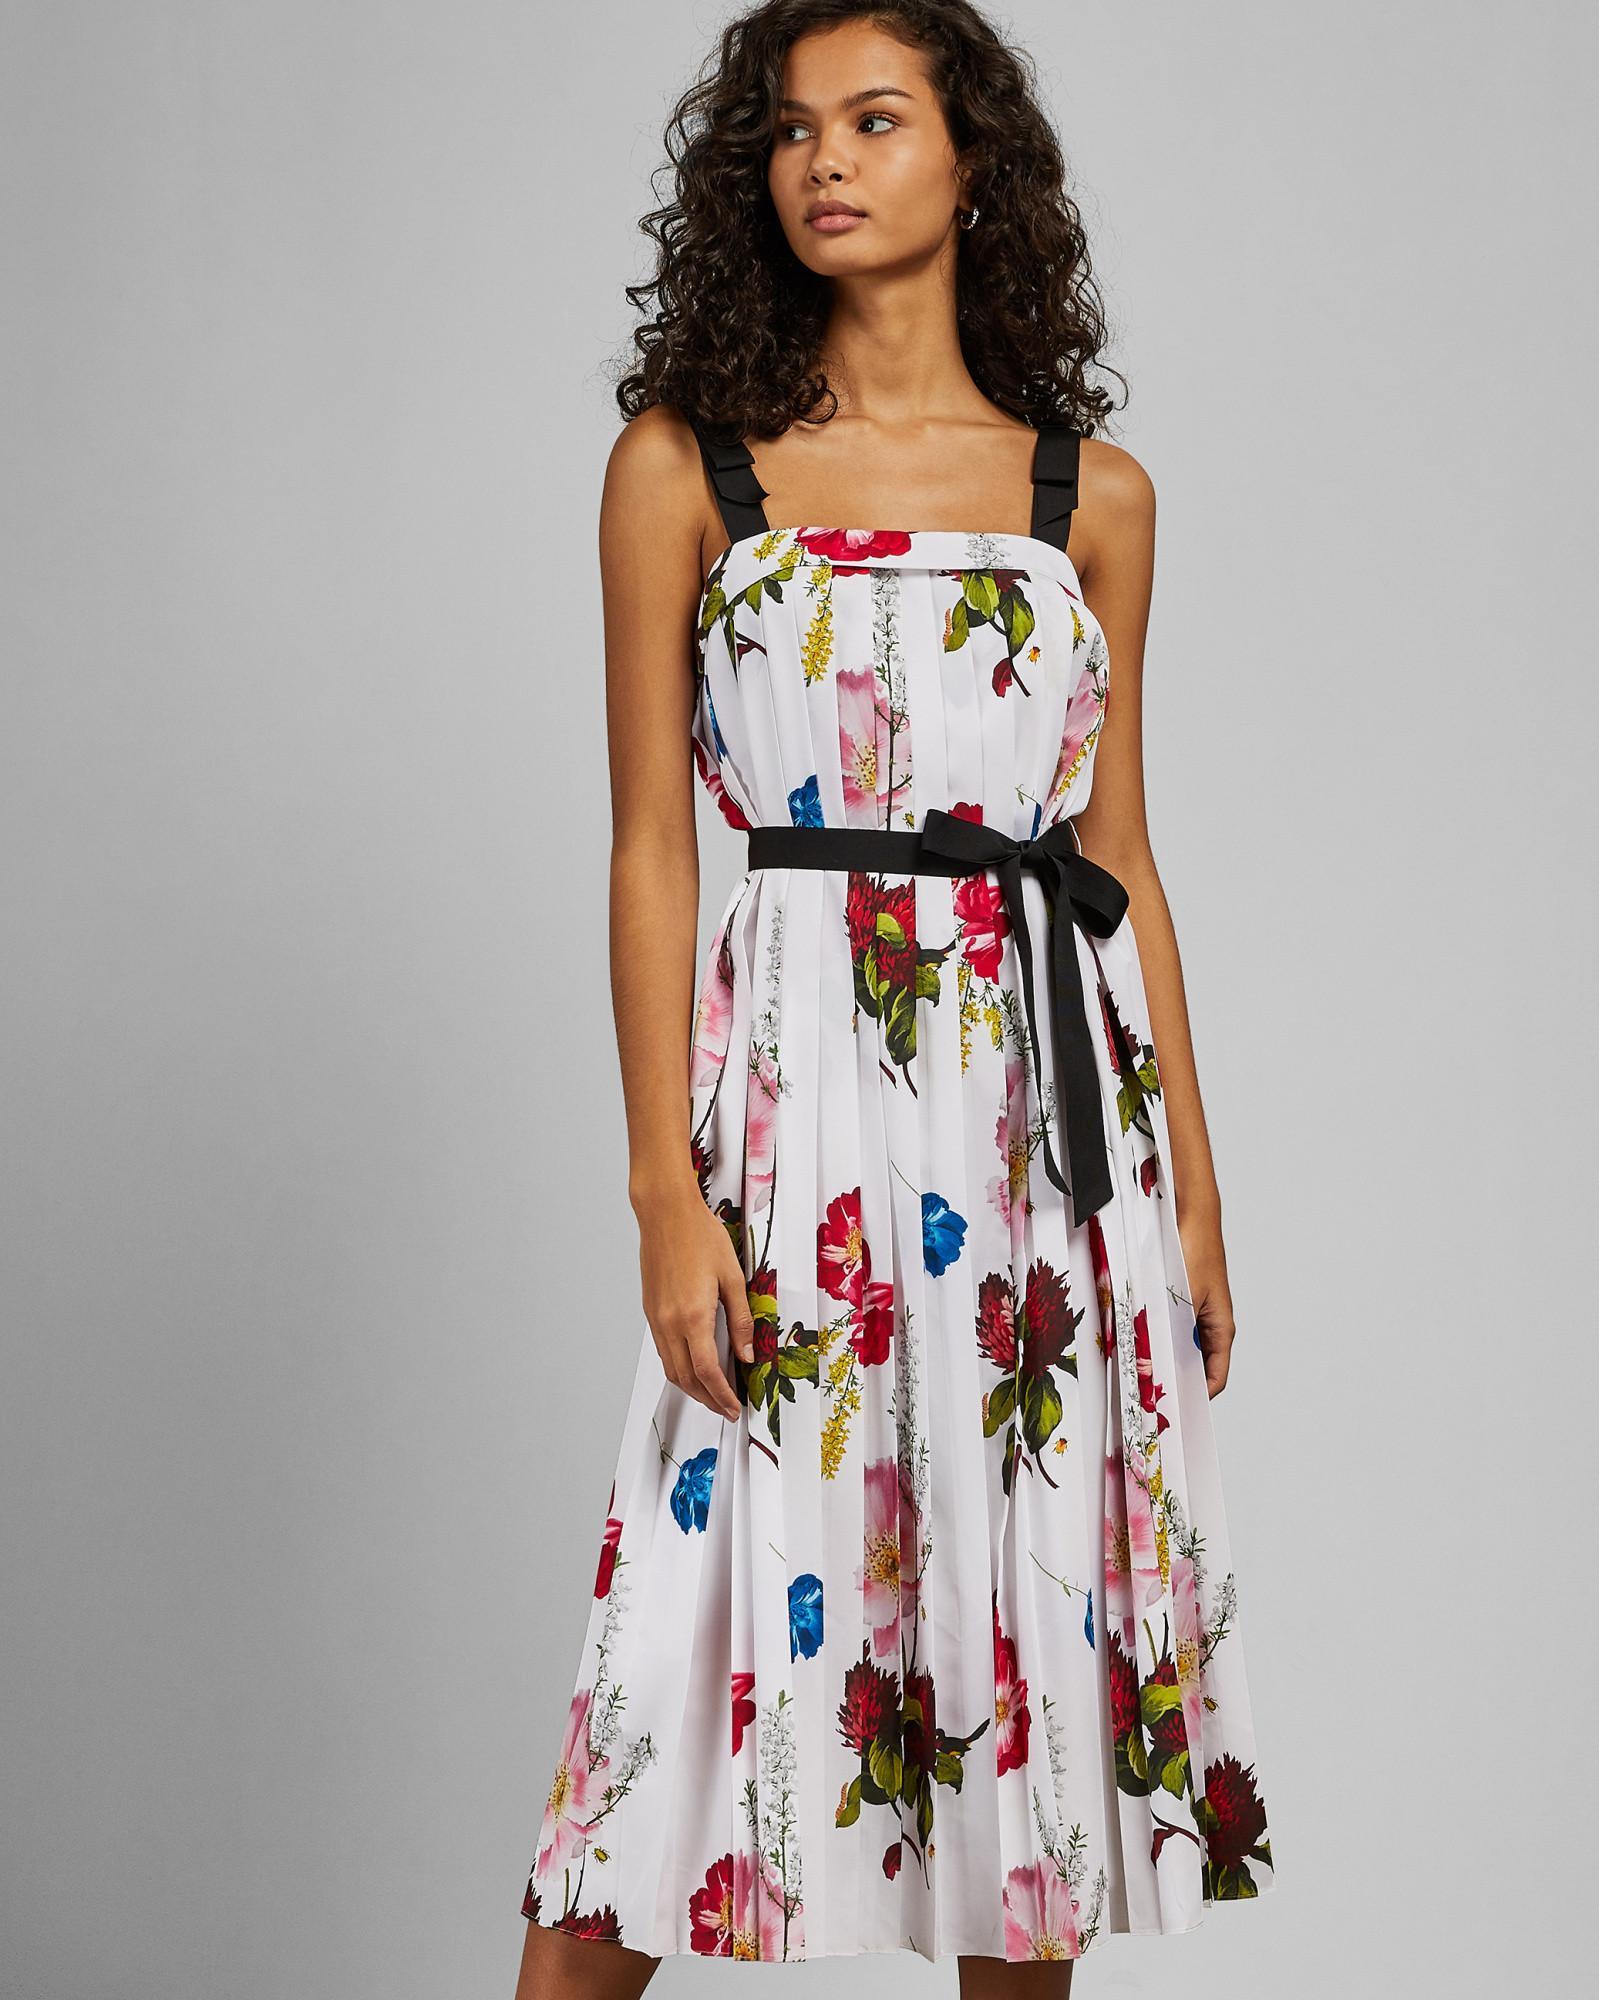 90535ffdfcb7 Ted Baker Berry Sundae Tie Strap Dress in White - Lyst